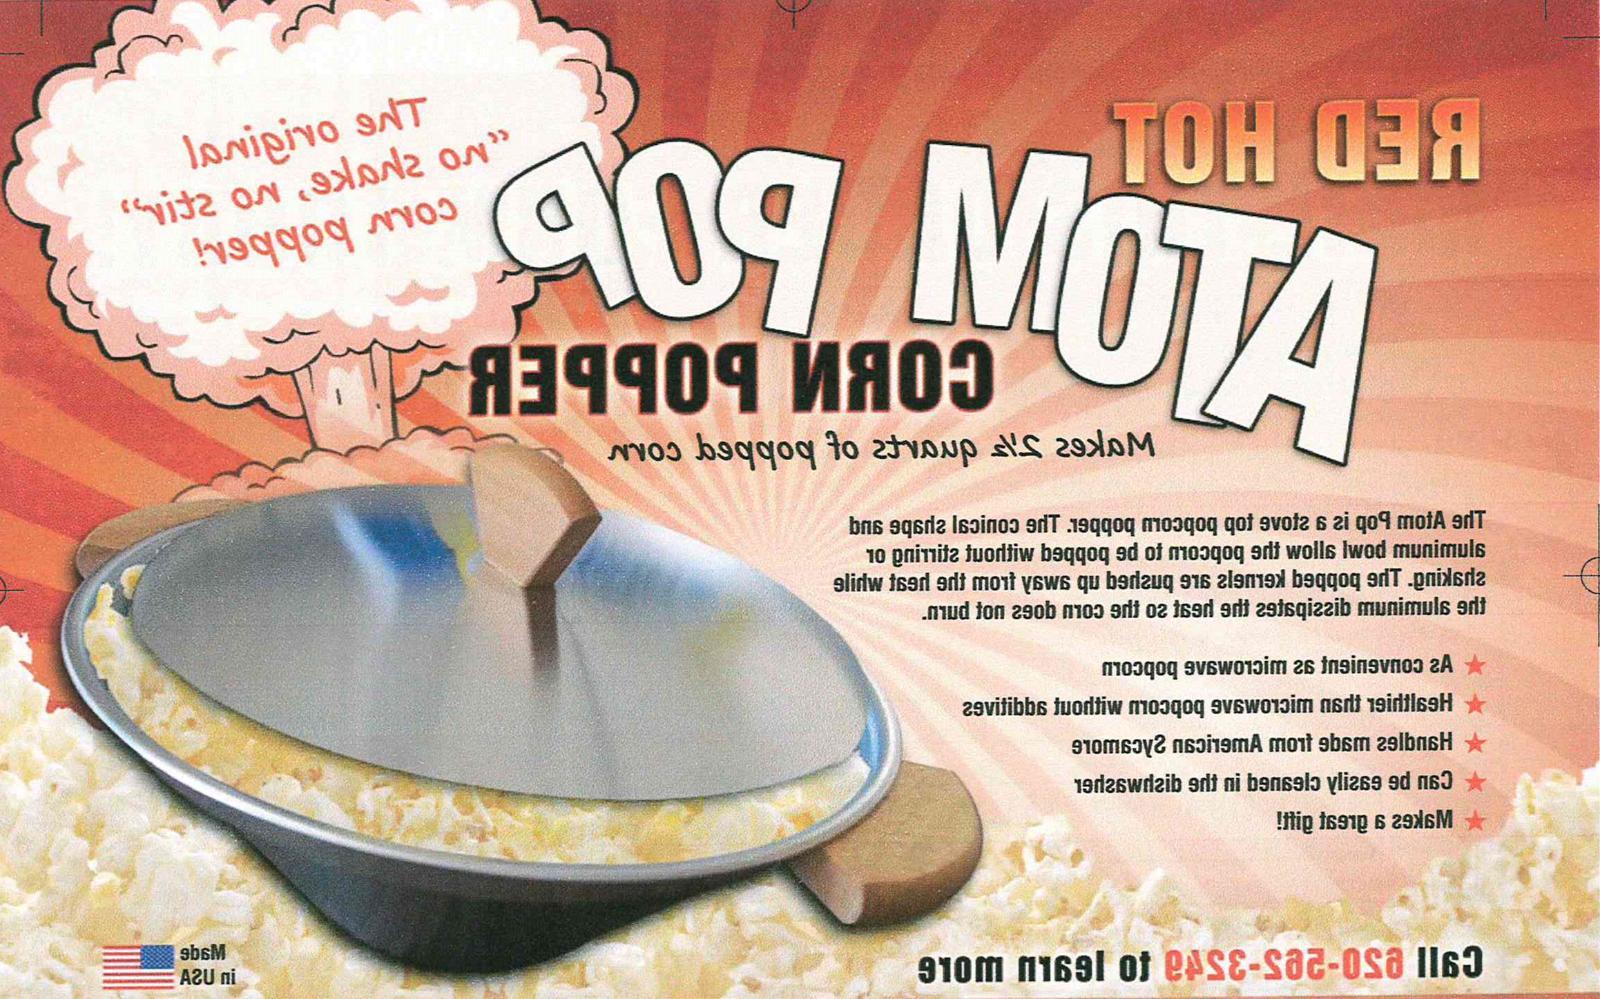 The Original Atom - No Shake / No Stir Pop Popper